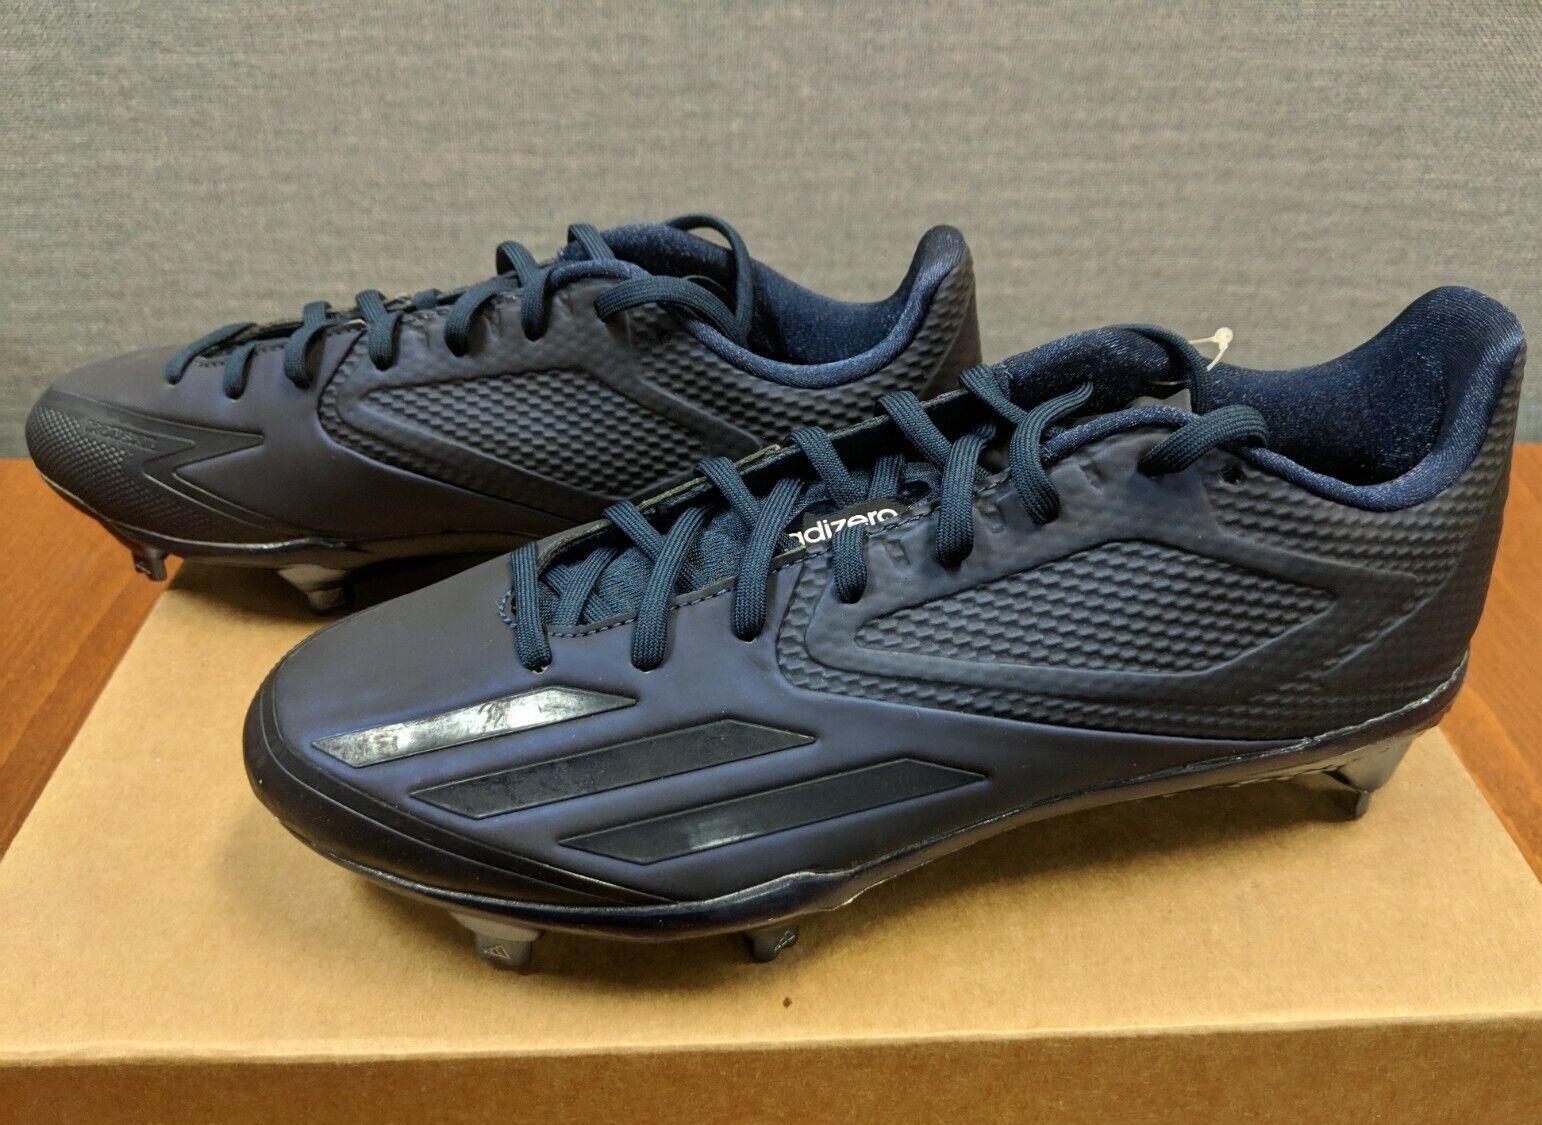 Adidas Adizero Afterburner 3 E Cleat - Men's Baseball Size 8 SKU BW0357